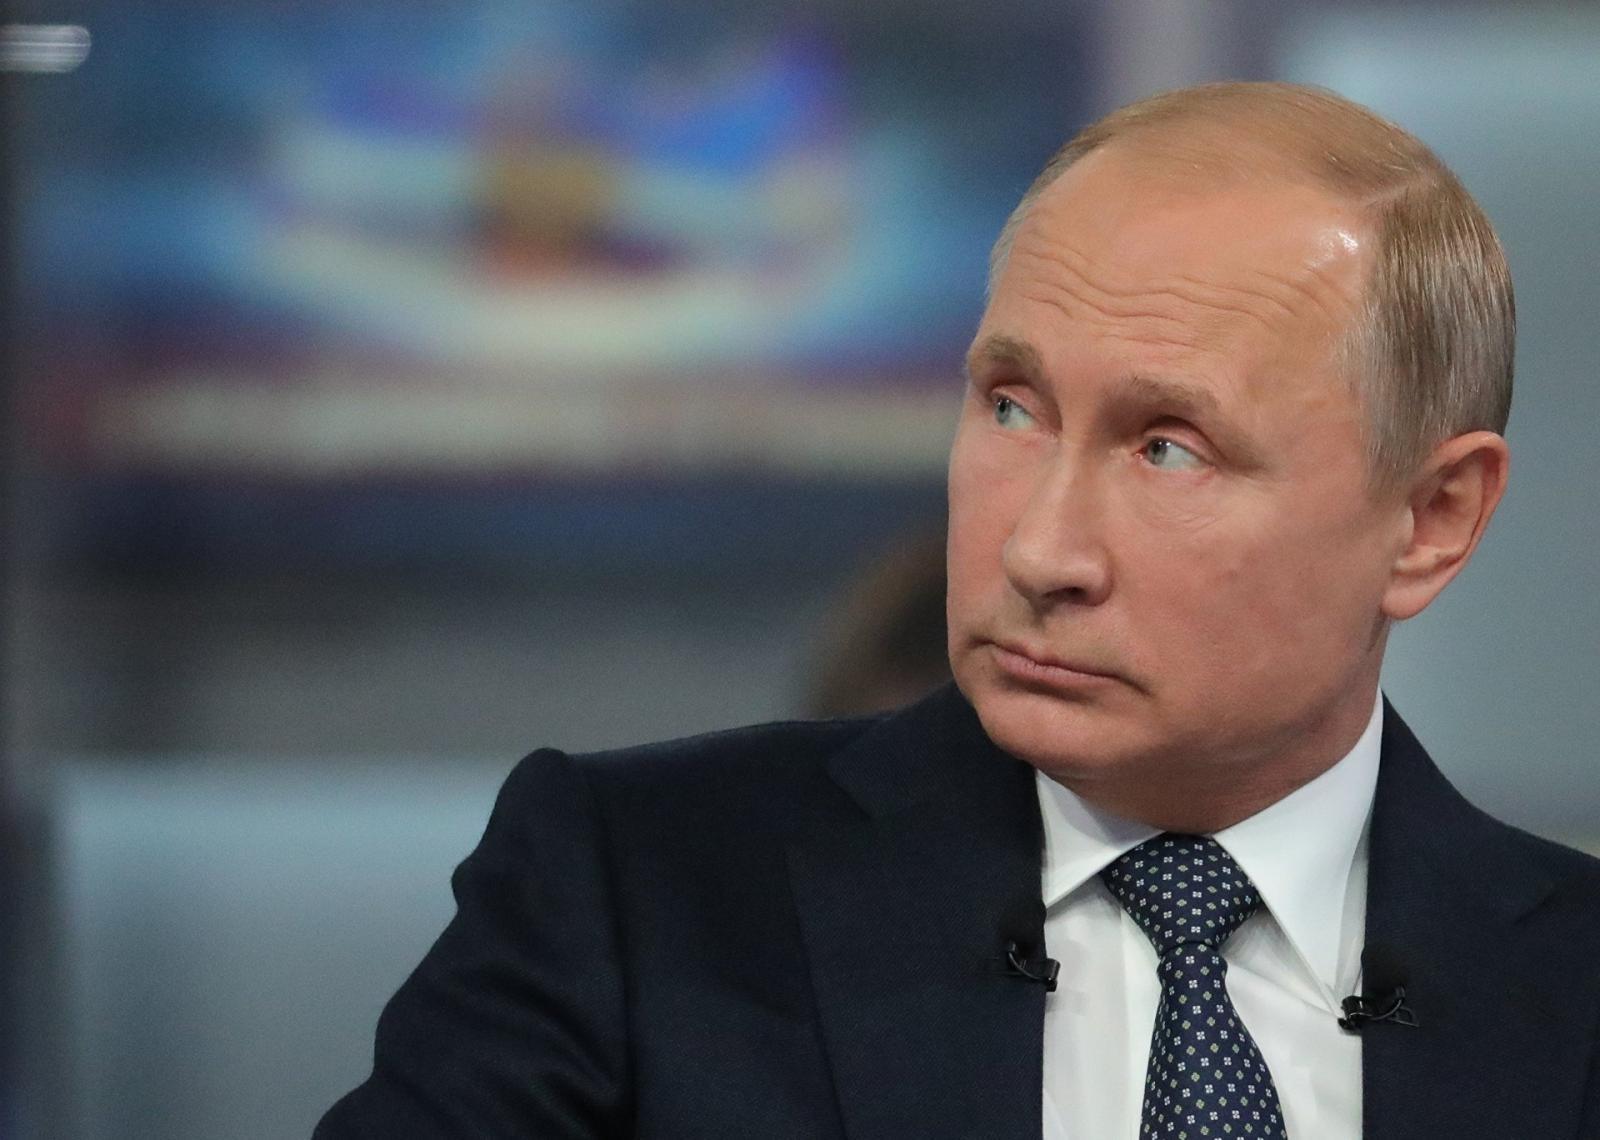 Подонок и предатель: Путин высказался о Скрипале